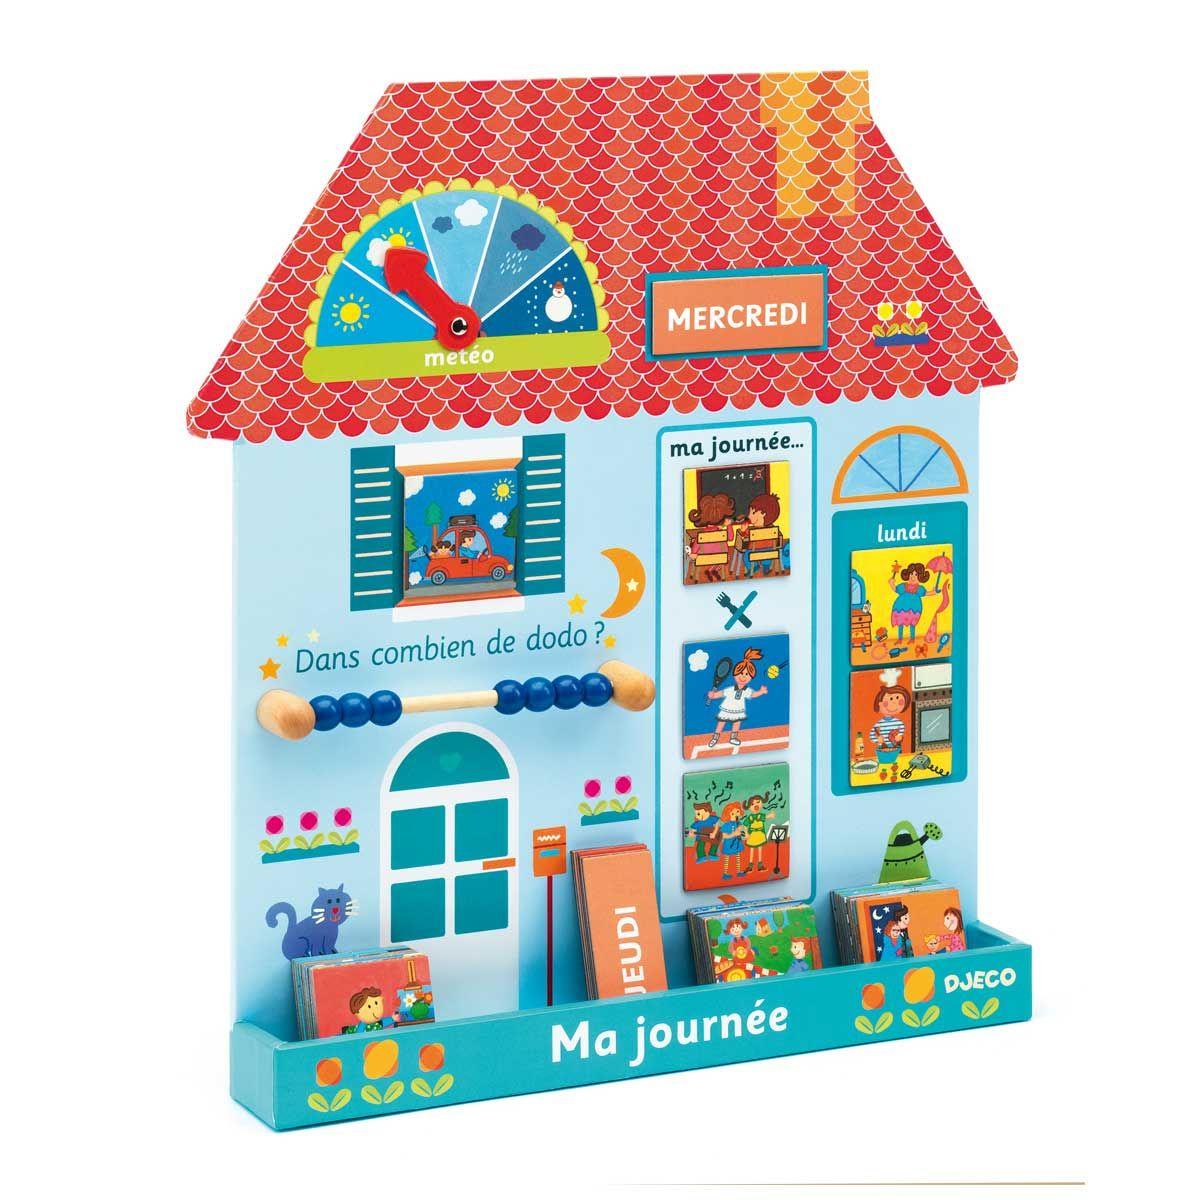 Tableau Magnétique Maison Ma Journée | Tableau Magnétique avec Jeux En Ligne Garcon 3 Ans